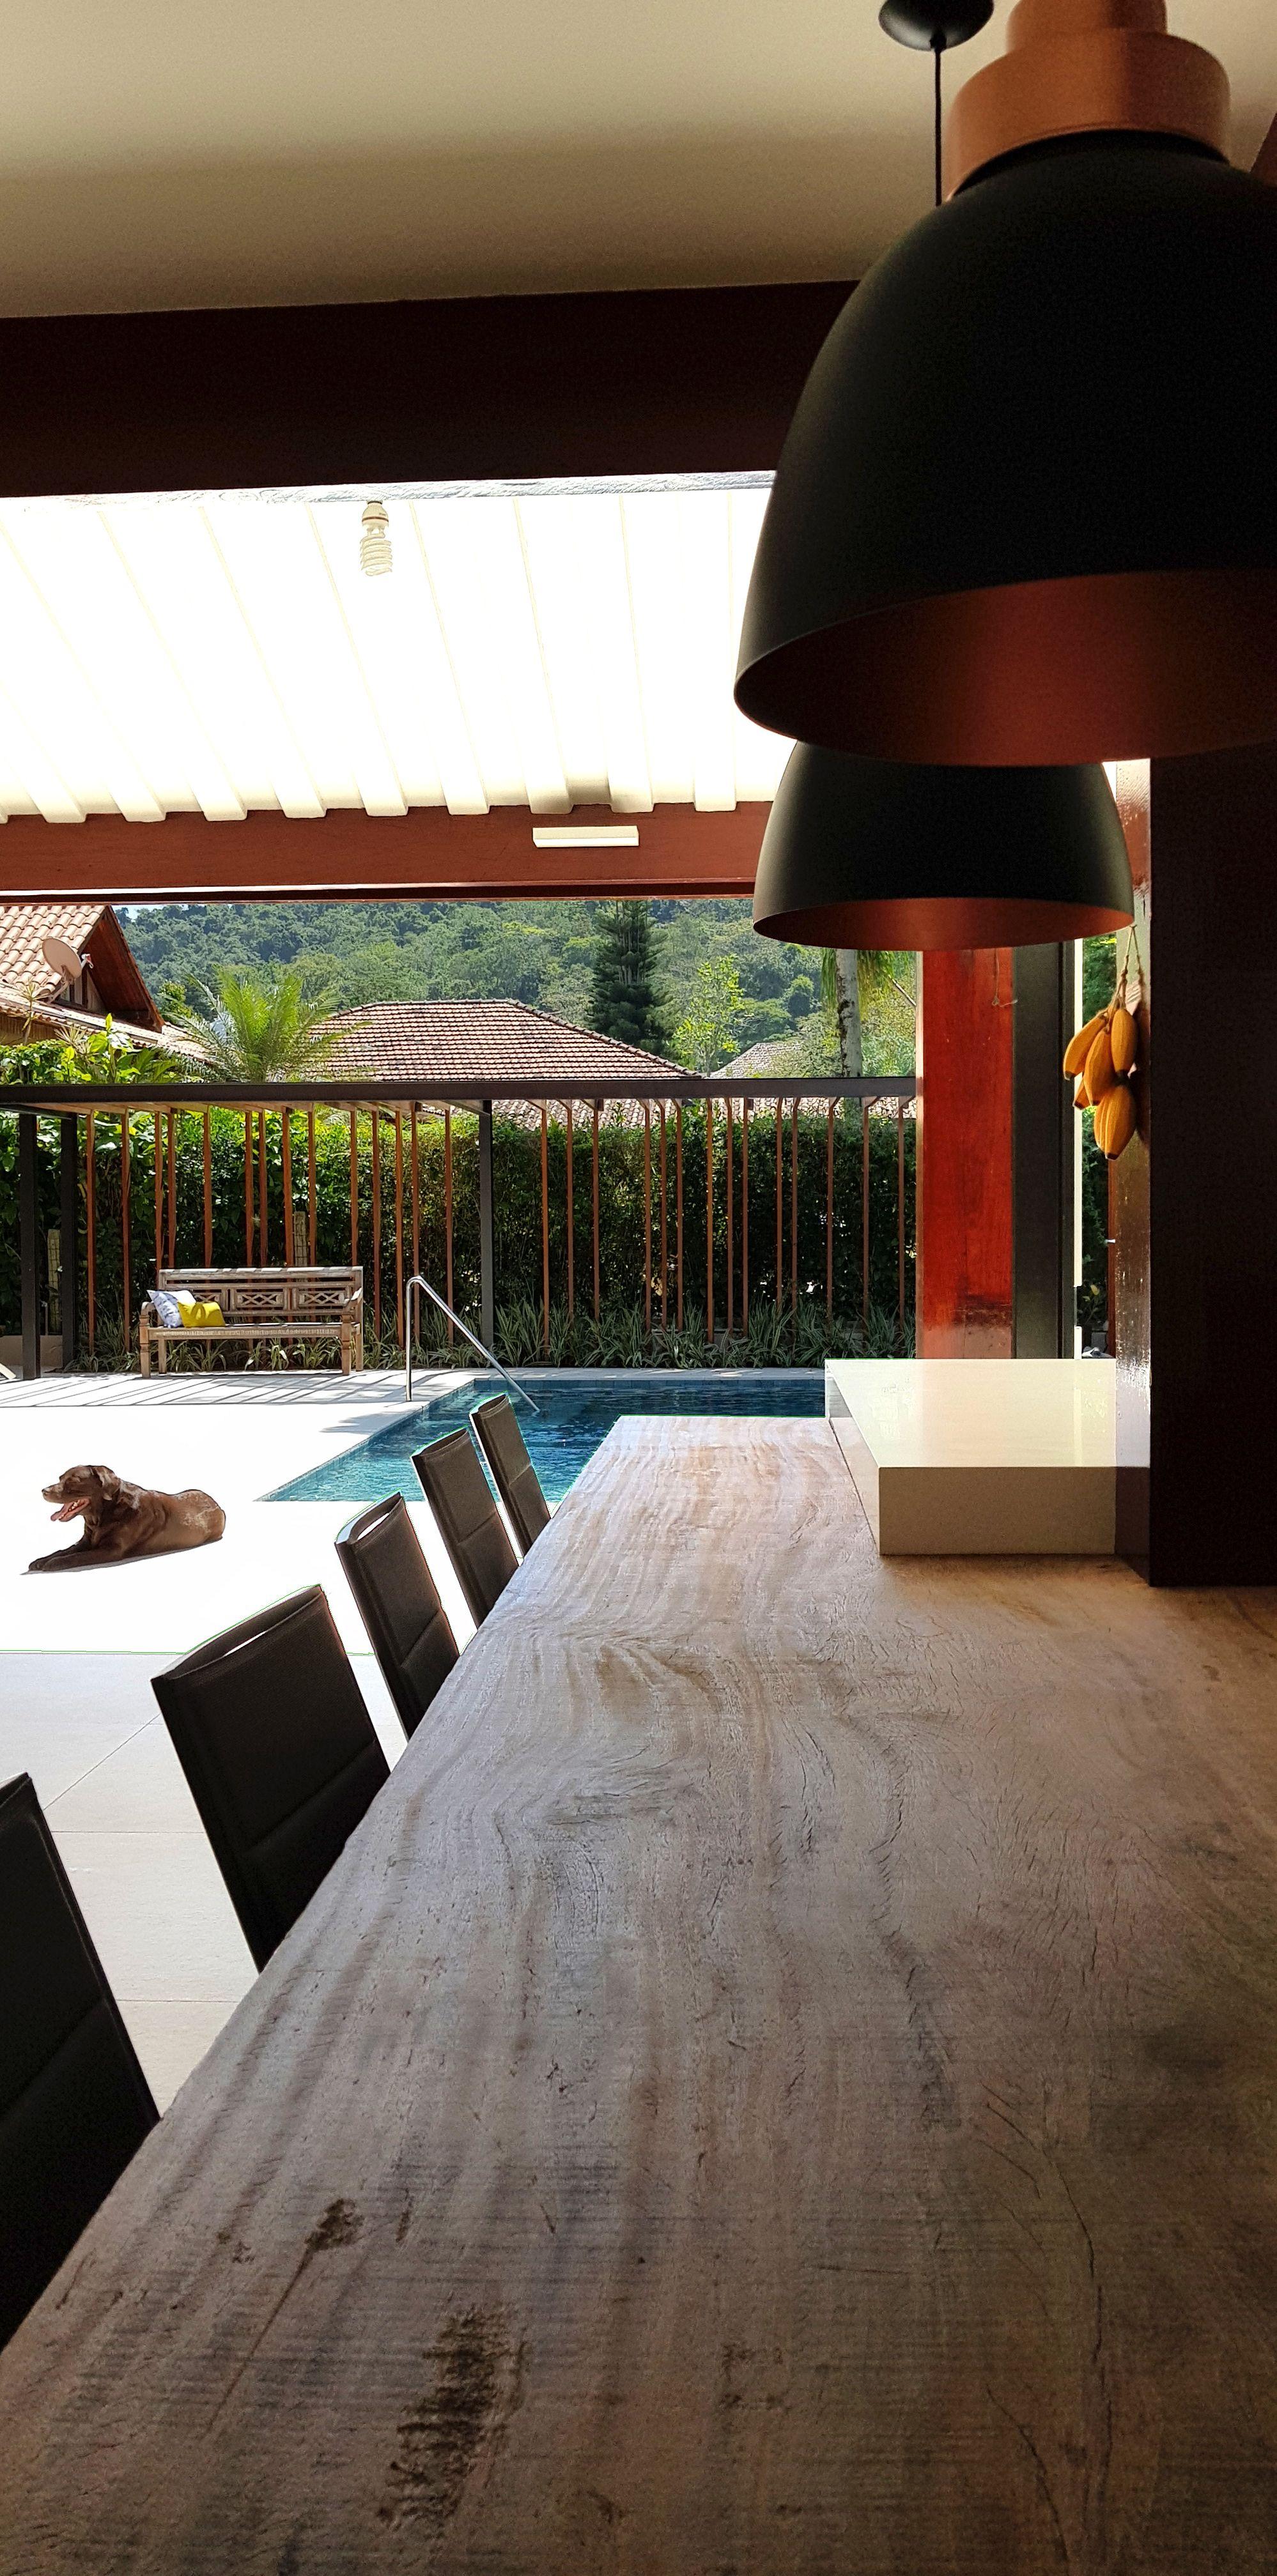 Paula martins arquitetura interiores e detalhamento área de lazer piscina e cozinha gourmet destaque para o tampo inteiro em madeira